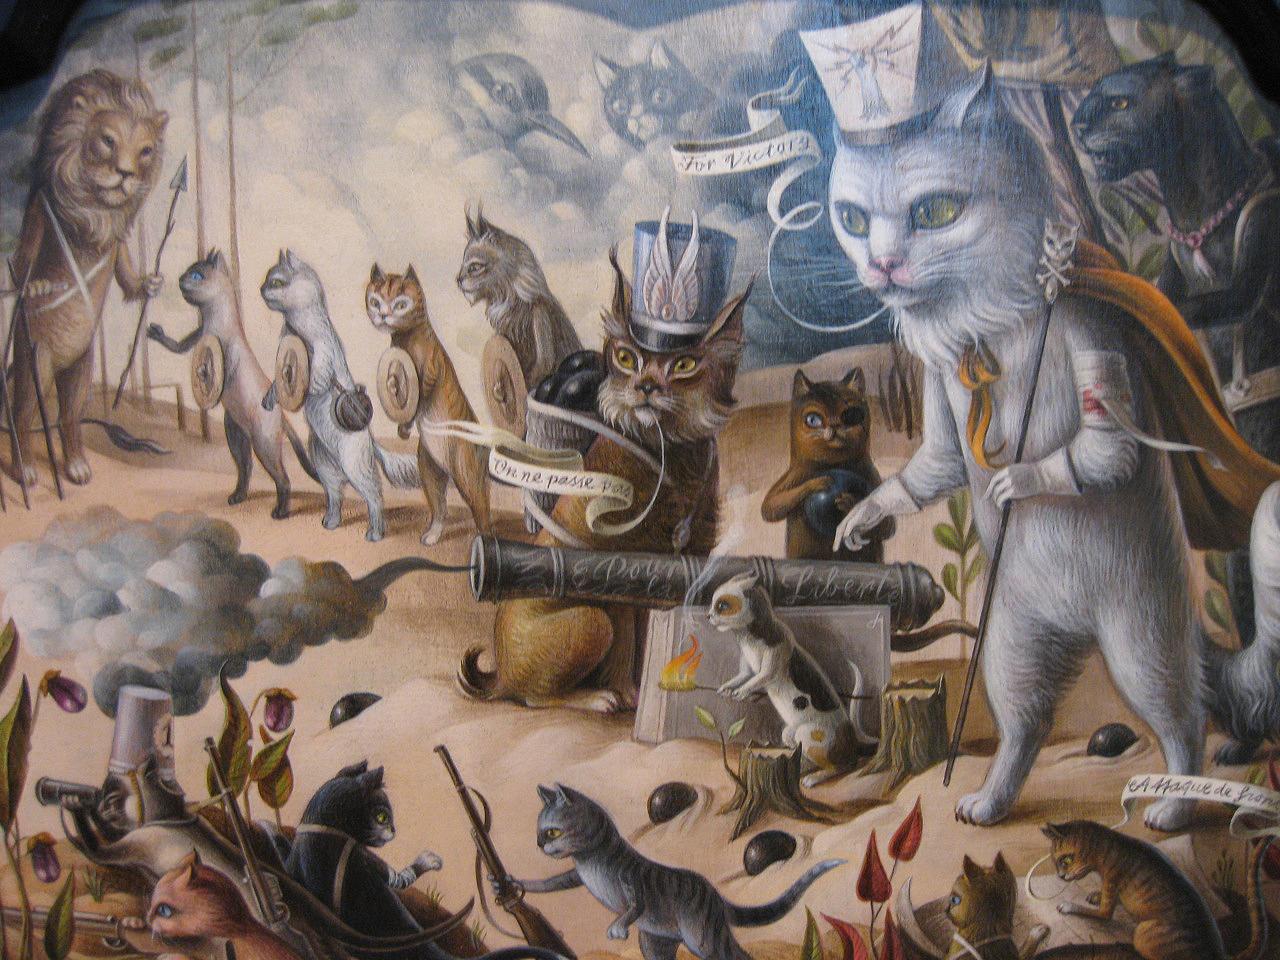 иллюстрации-котов-и-других-сказочных-персонажей.jpg